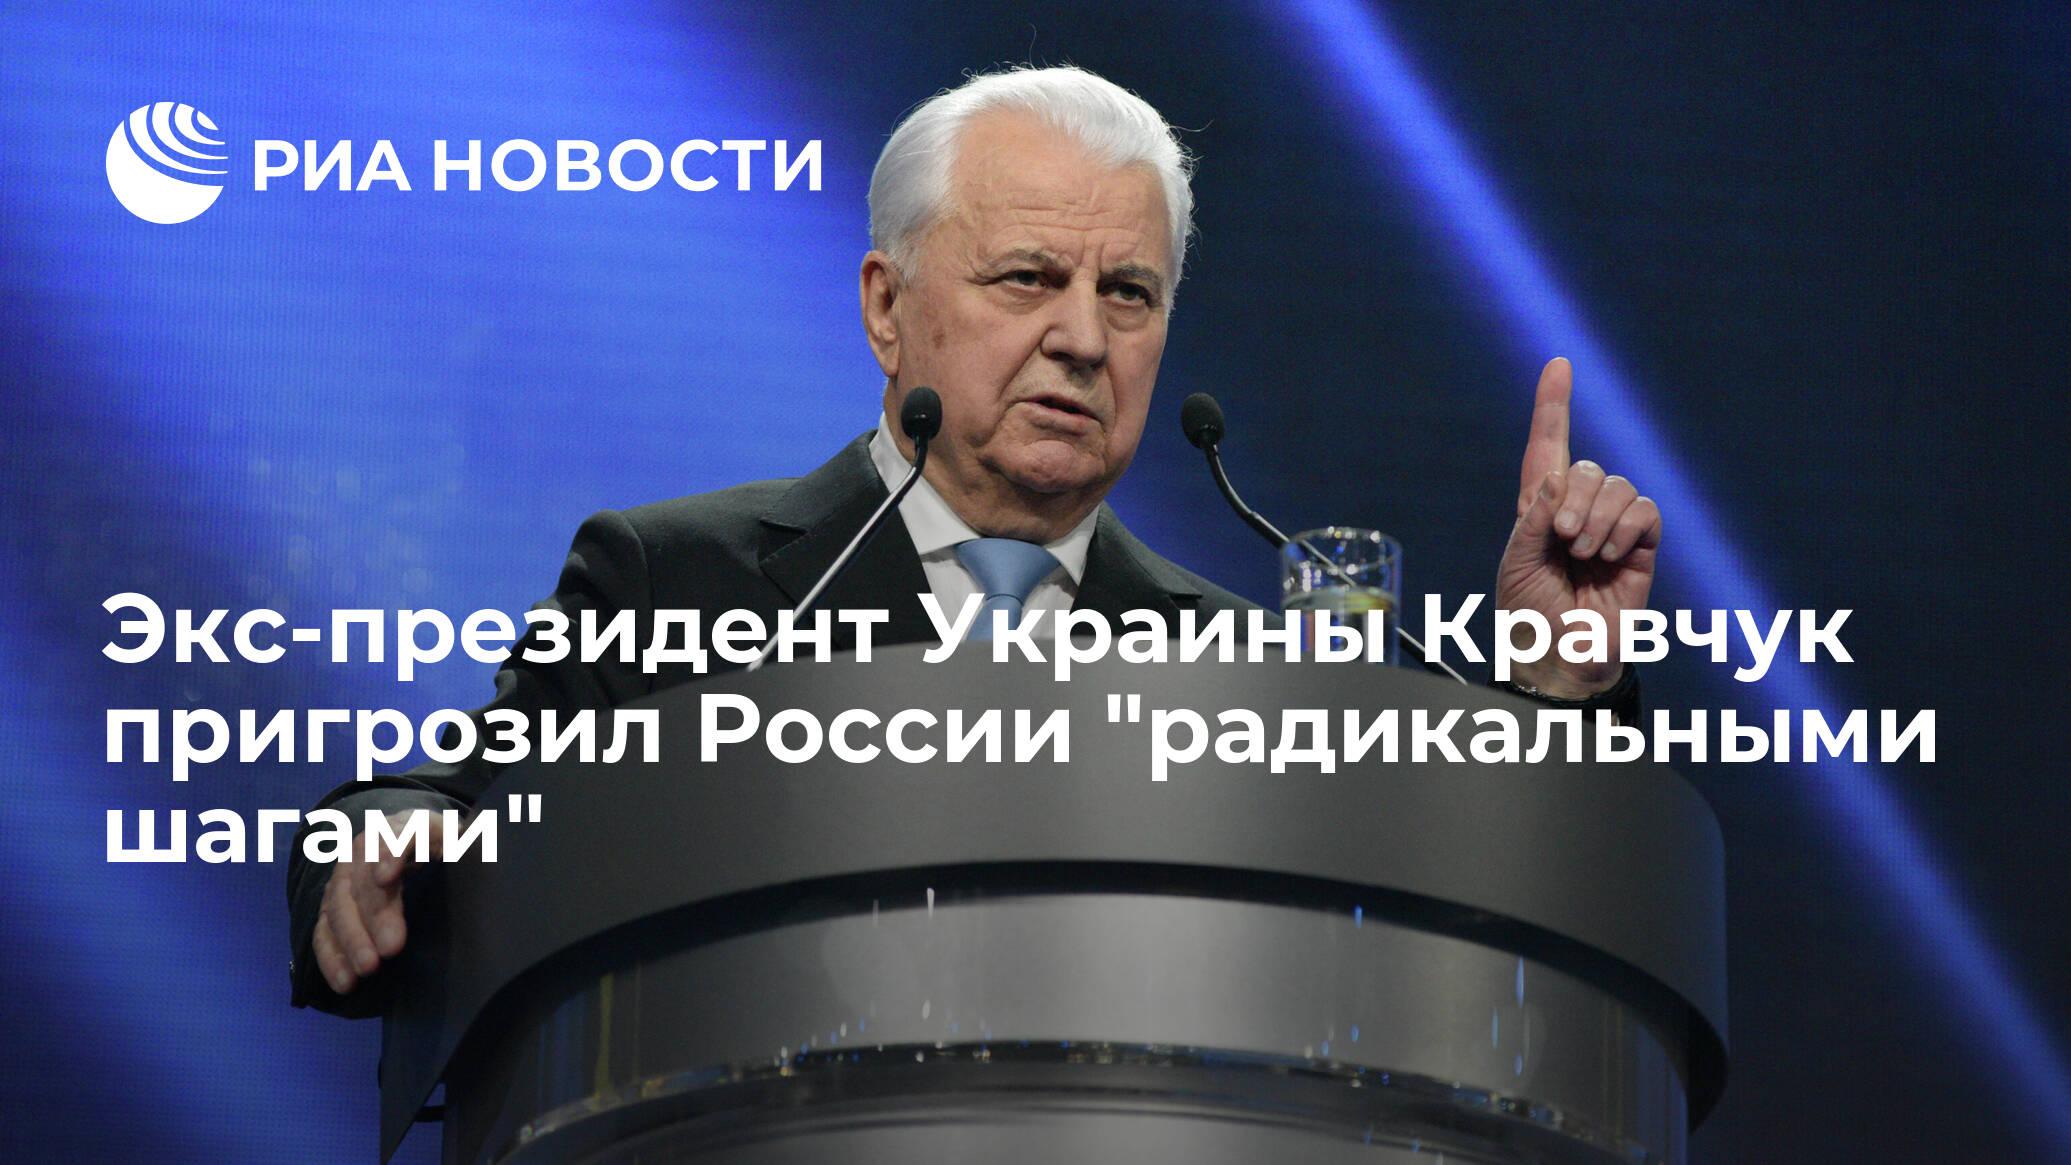 Кравчук пригрозил России